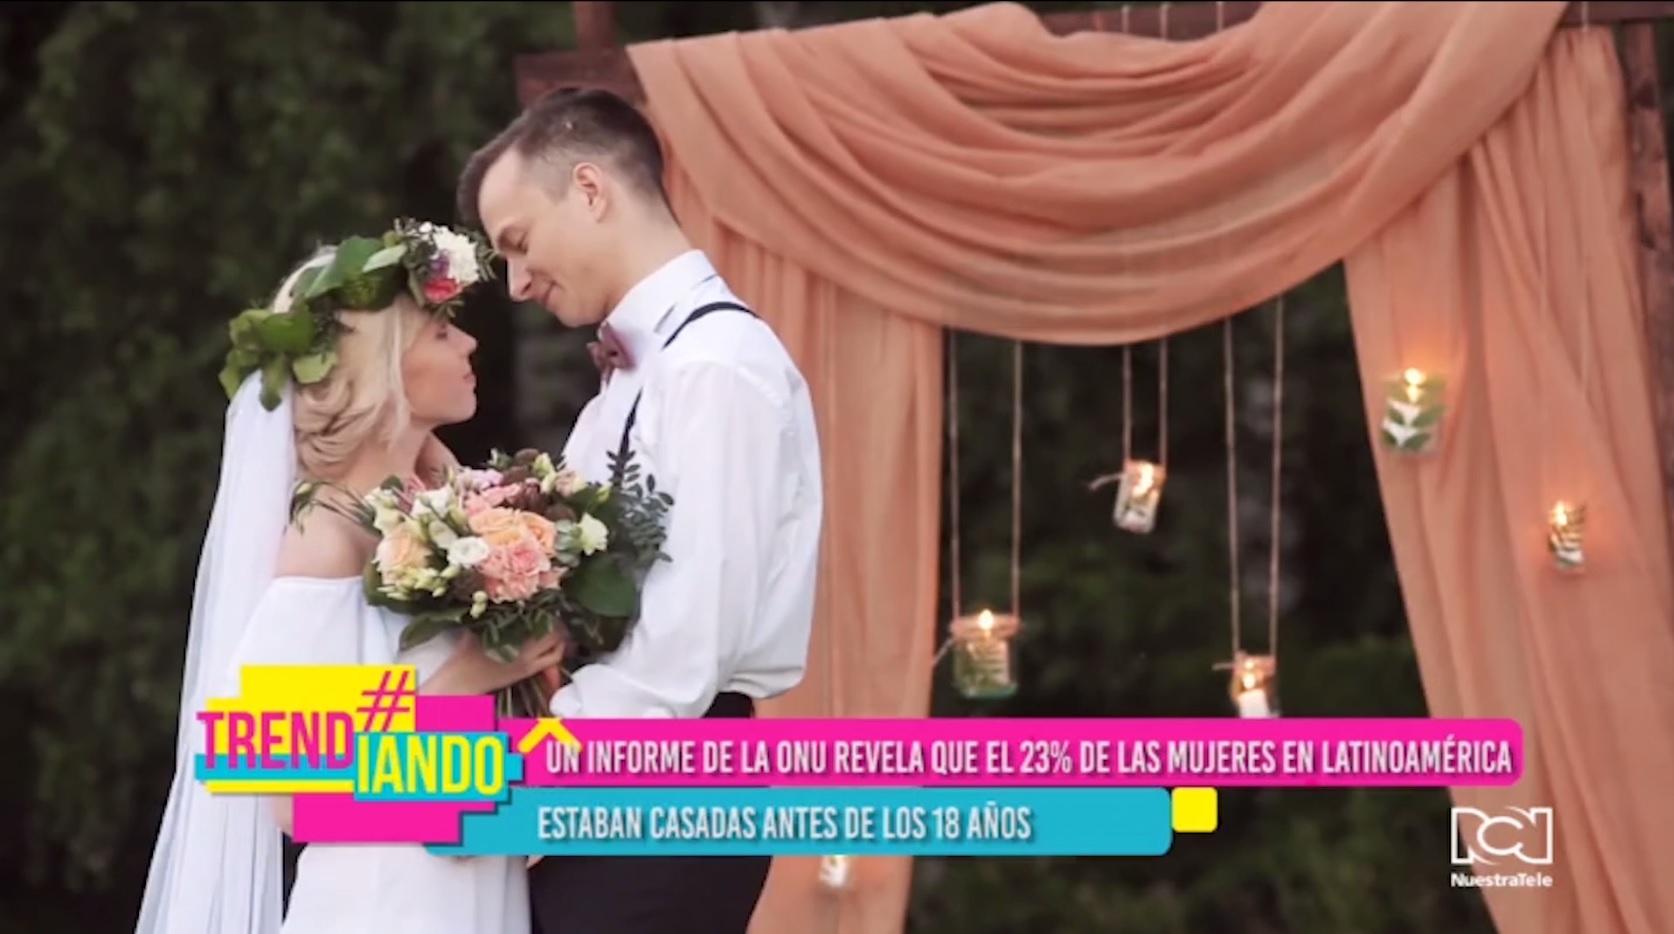 Matrimonio juvenil en Latinoamerica y el Caribe